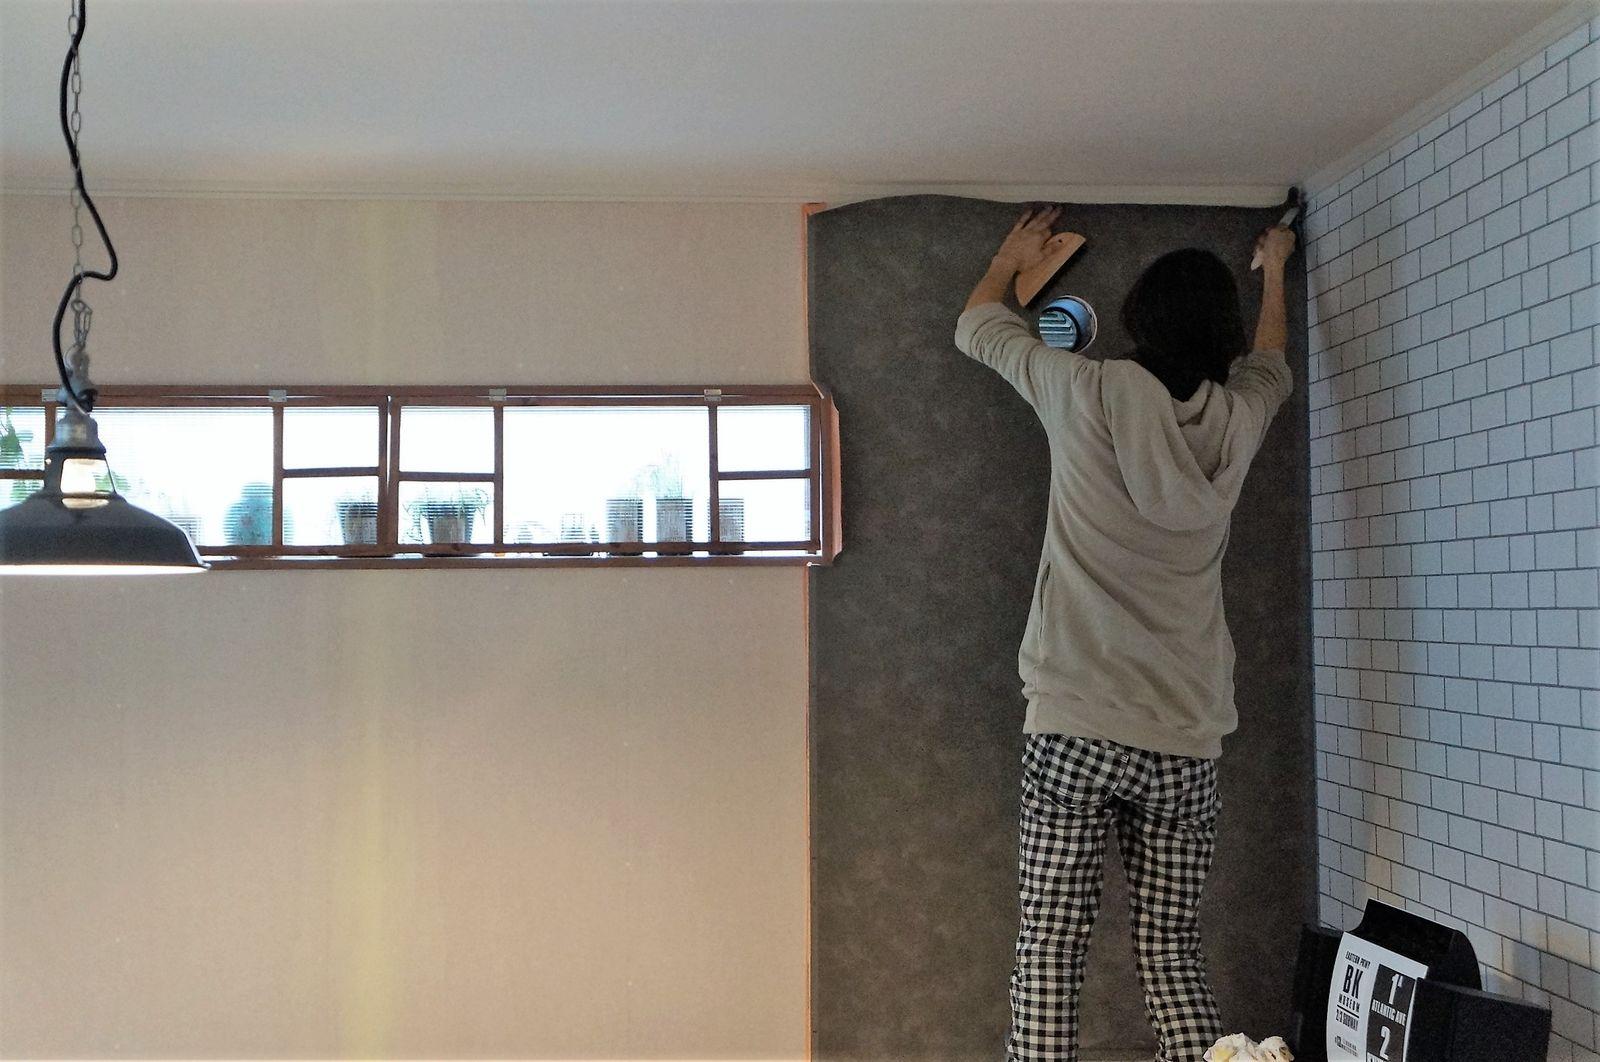 白タイル風キッチン完成 次はコンクリート風壁紙の貼り替え Live